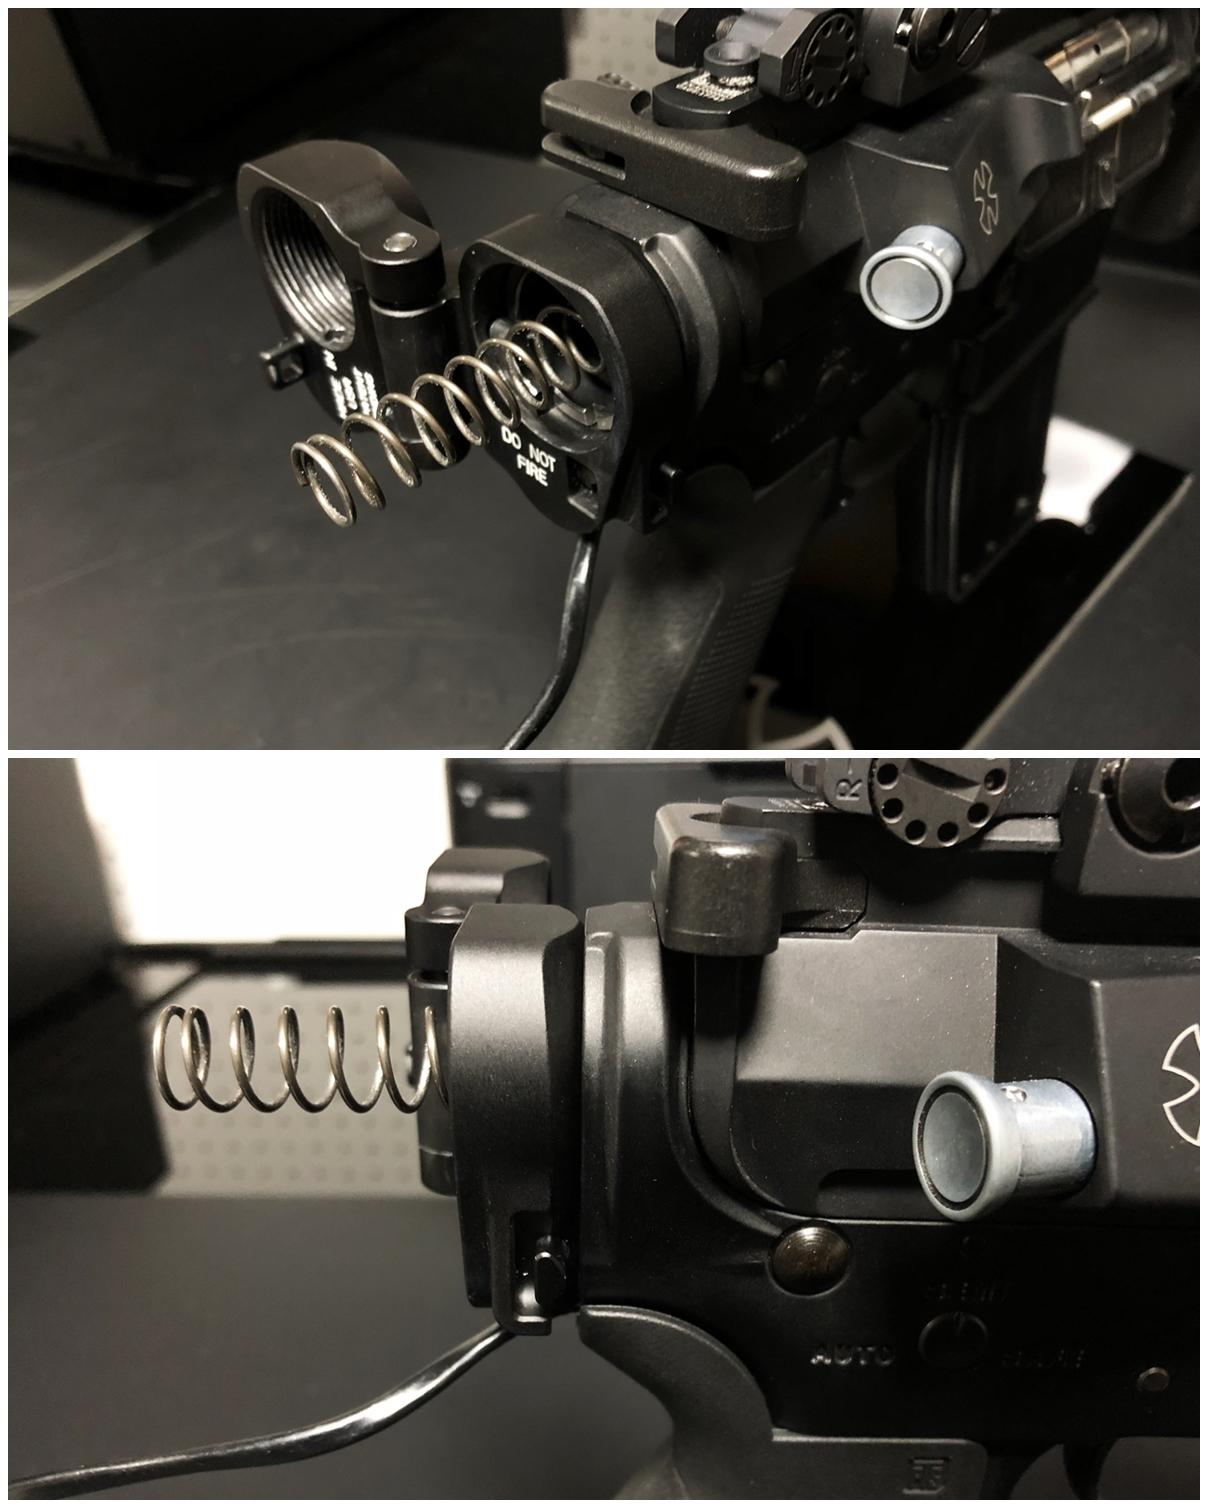 12 次世代 M4 CQB-R 電動ガン 実物 KAK SHOCKWAVE BLADE PISTOL AR-15 ストック 取付 改造 カスタム 大作戦 第7弾完結!! 最終 組み立て作業 & 初速 調整!! 実銃 ストックパイプ AR フォールディング 取付 リコイル